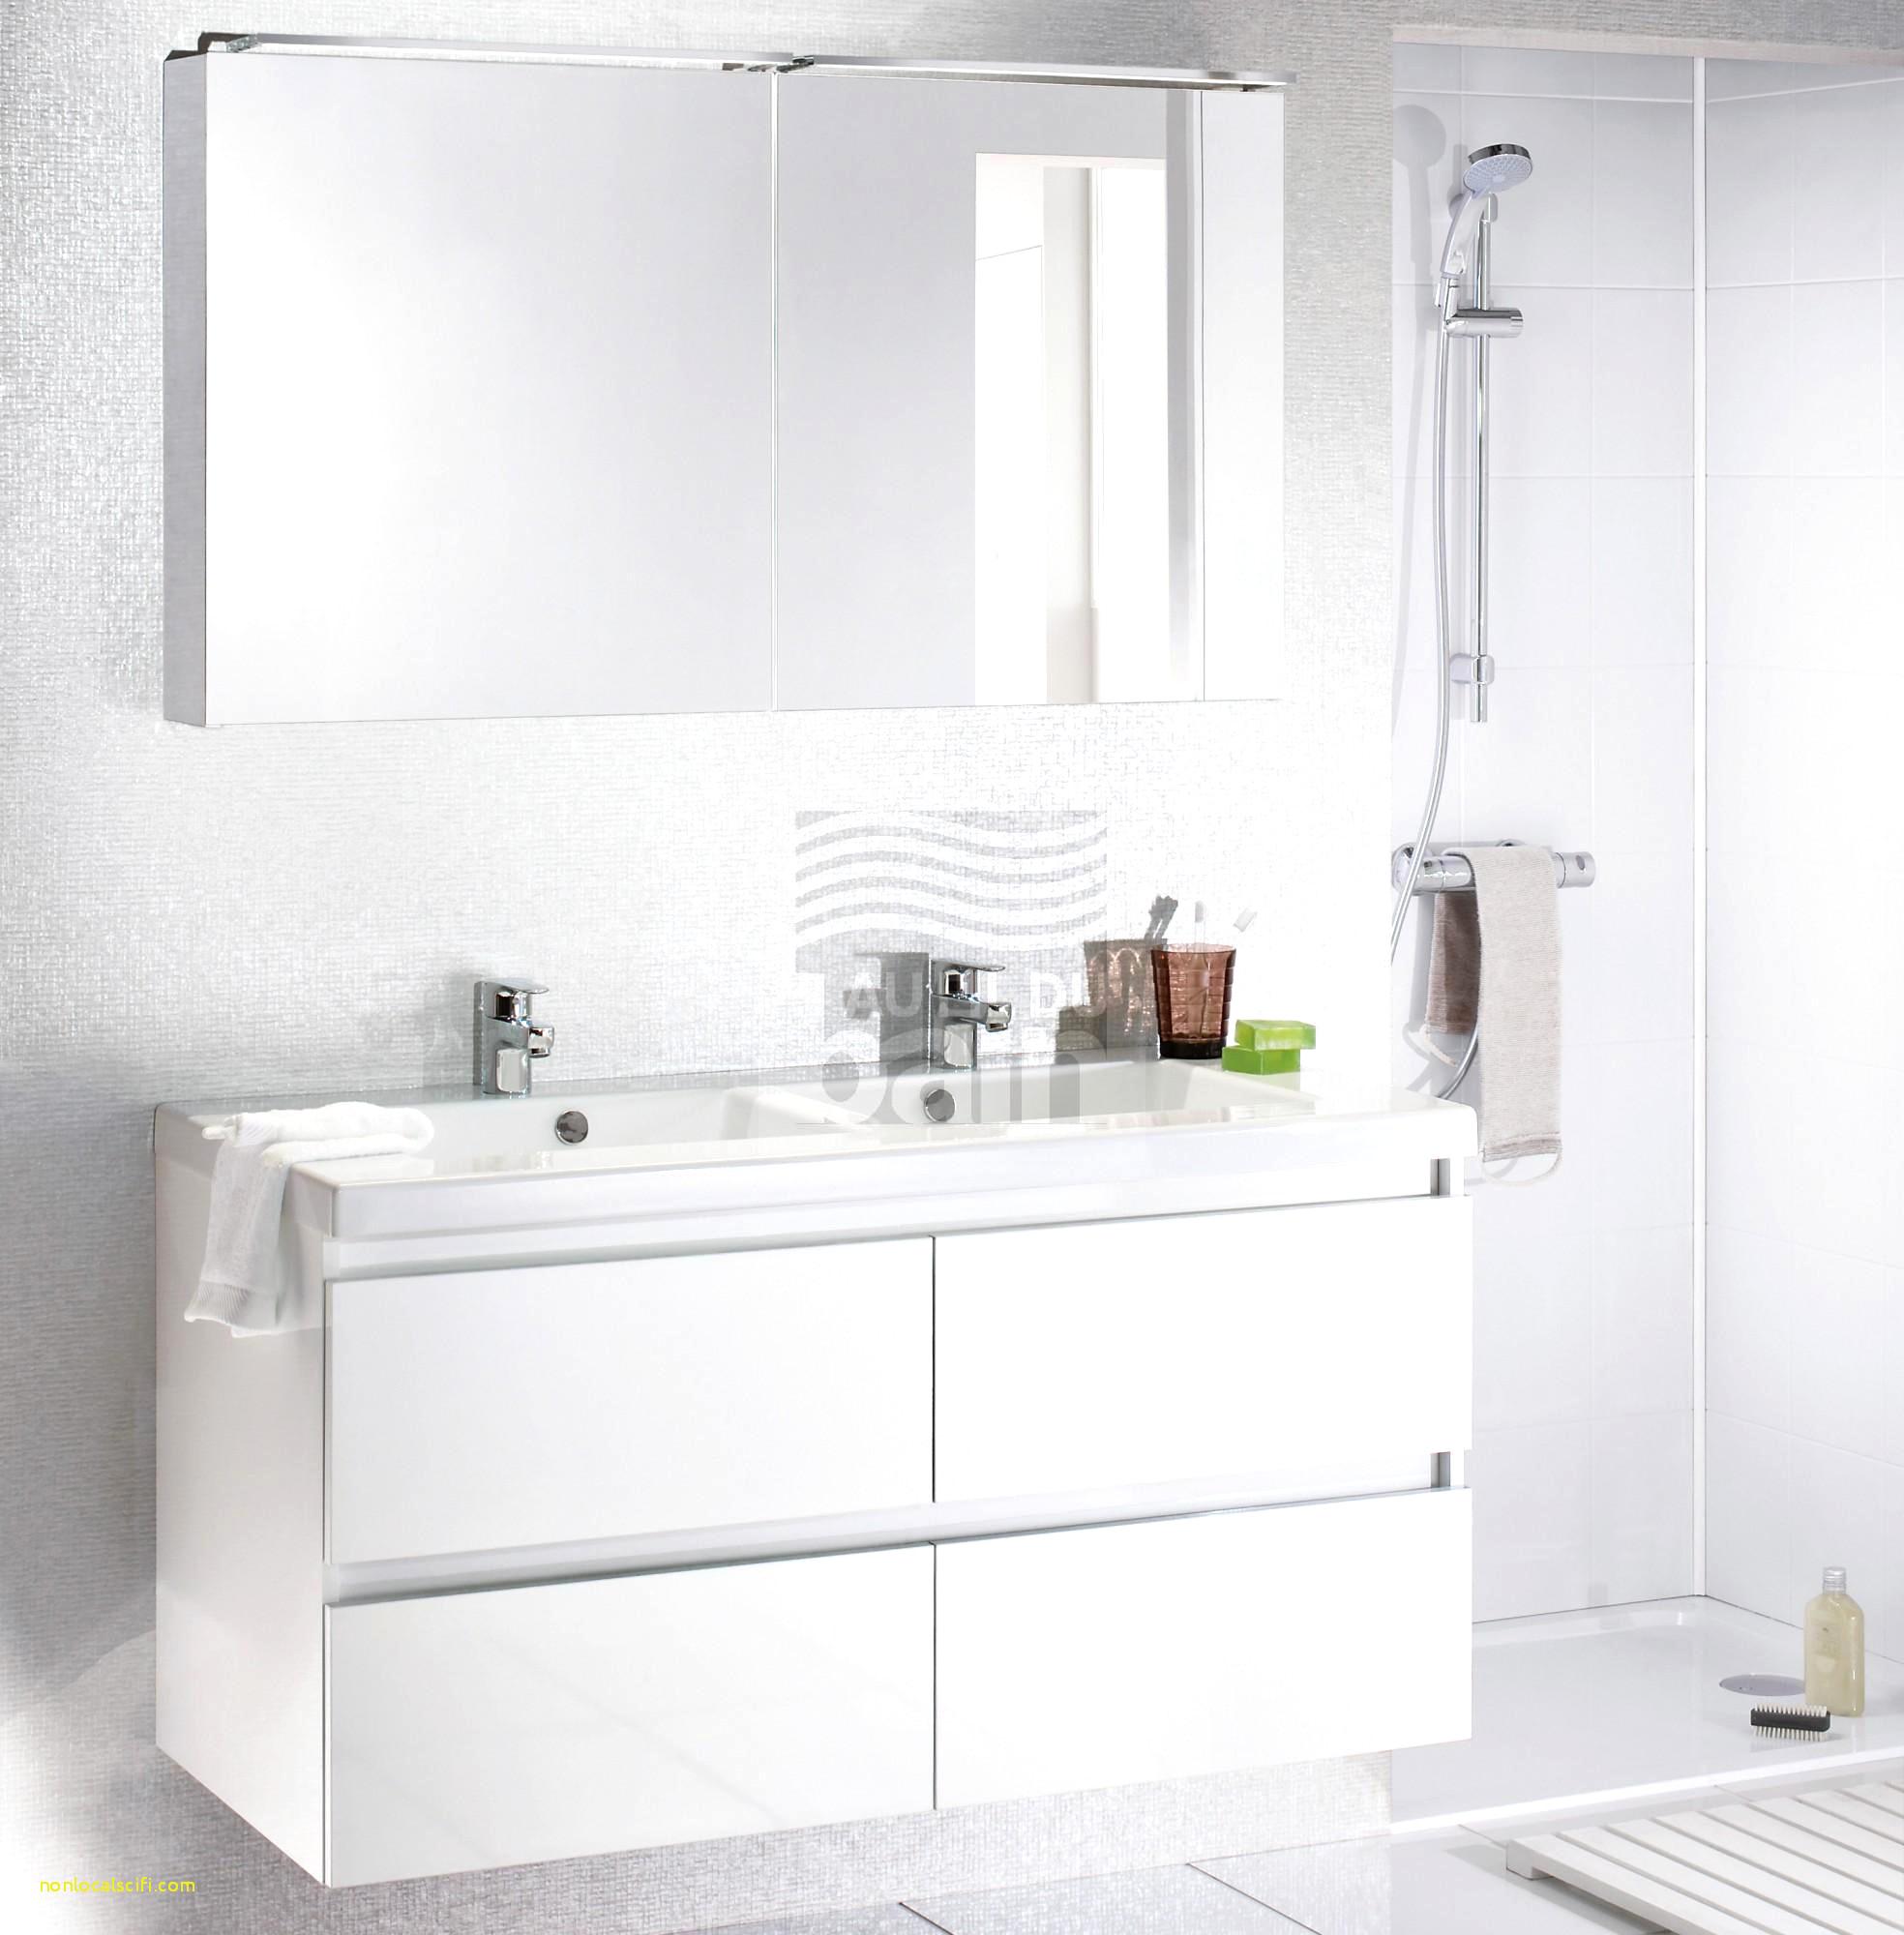 Ikea Meuble Double Vasque Nouveau Stock Résultat Supérieur 99 Frais 2 Vasques Salle De Bain Graphie